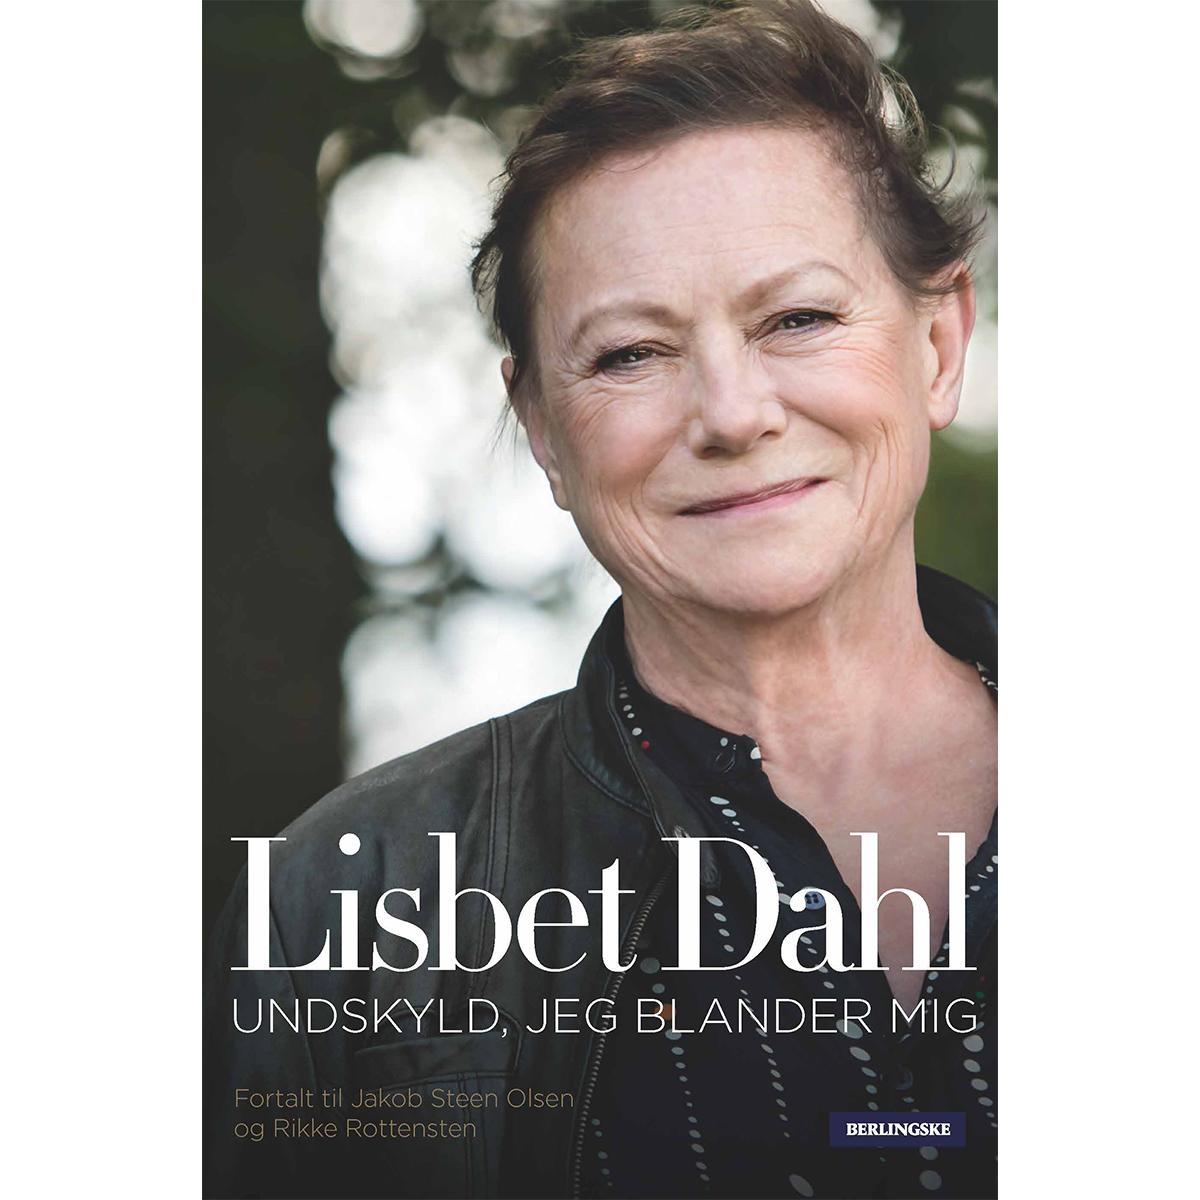 Lisbet Dahl - undskyld, jeg blander mig - Indbundet